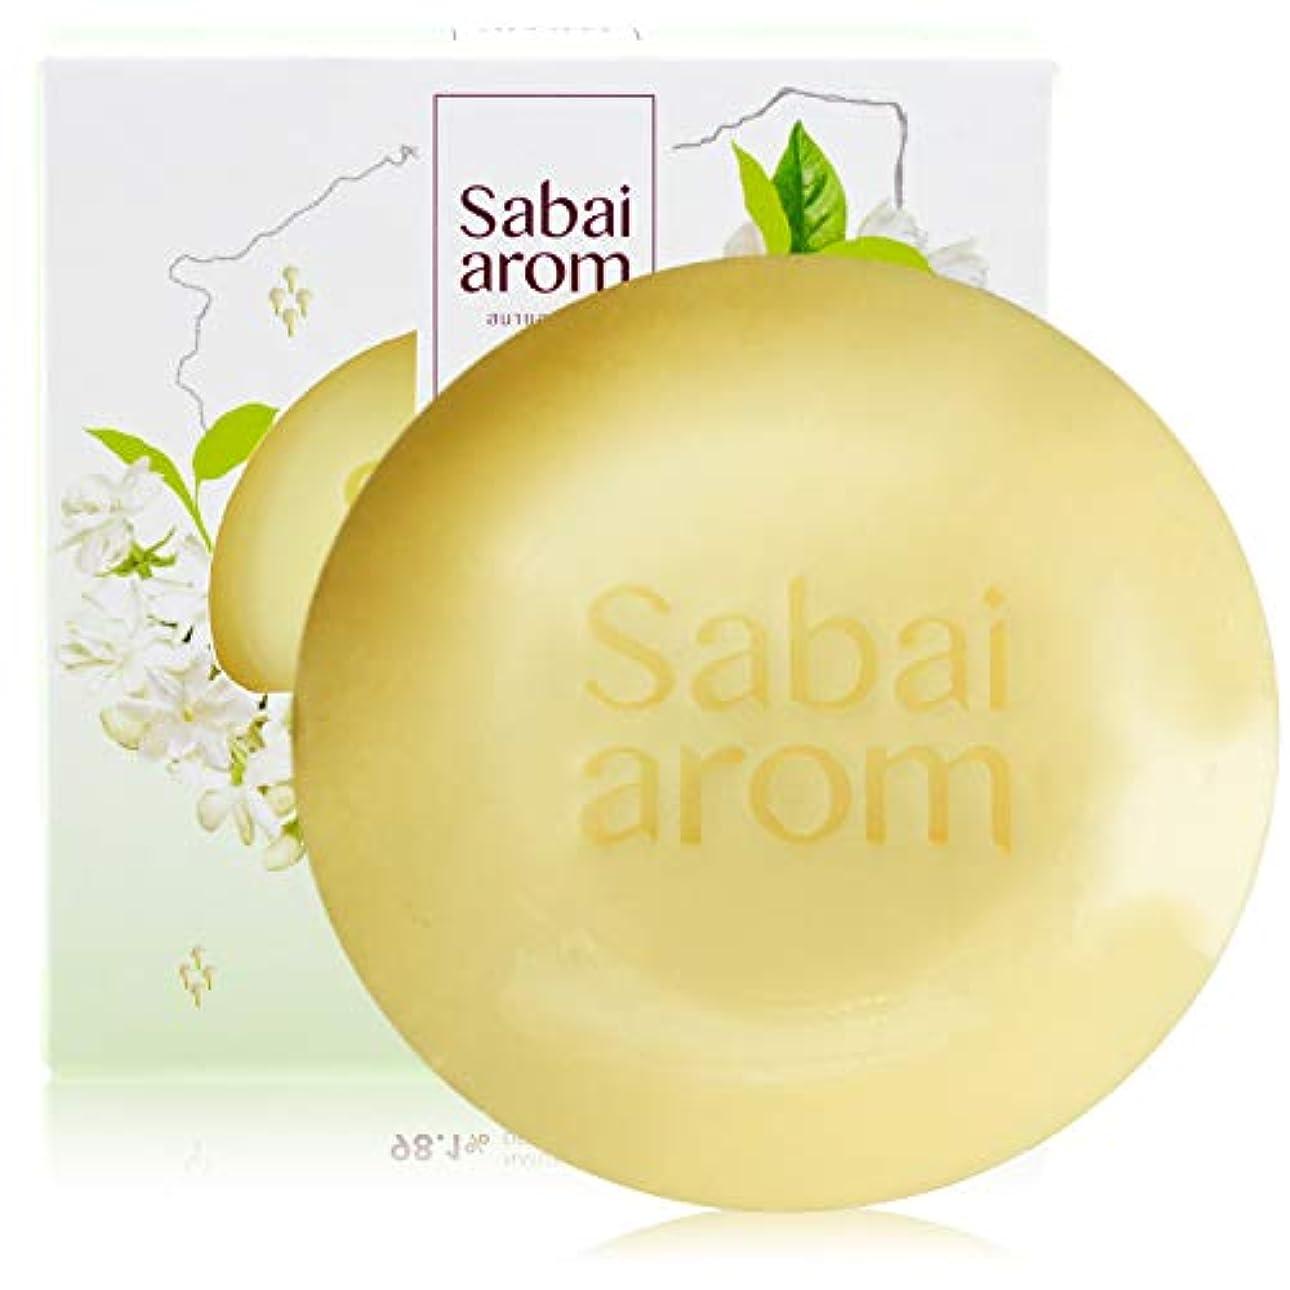 役に立たない何と闘うサバイアロム(Sabai-arom) マリラー ジャスミン リチュアル フェイス&ボディソープバー (石鹸) 100g【JAS】【001】